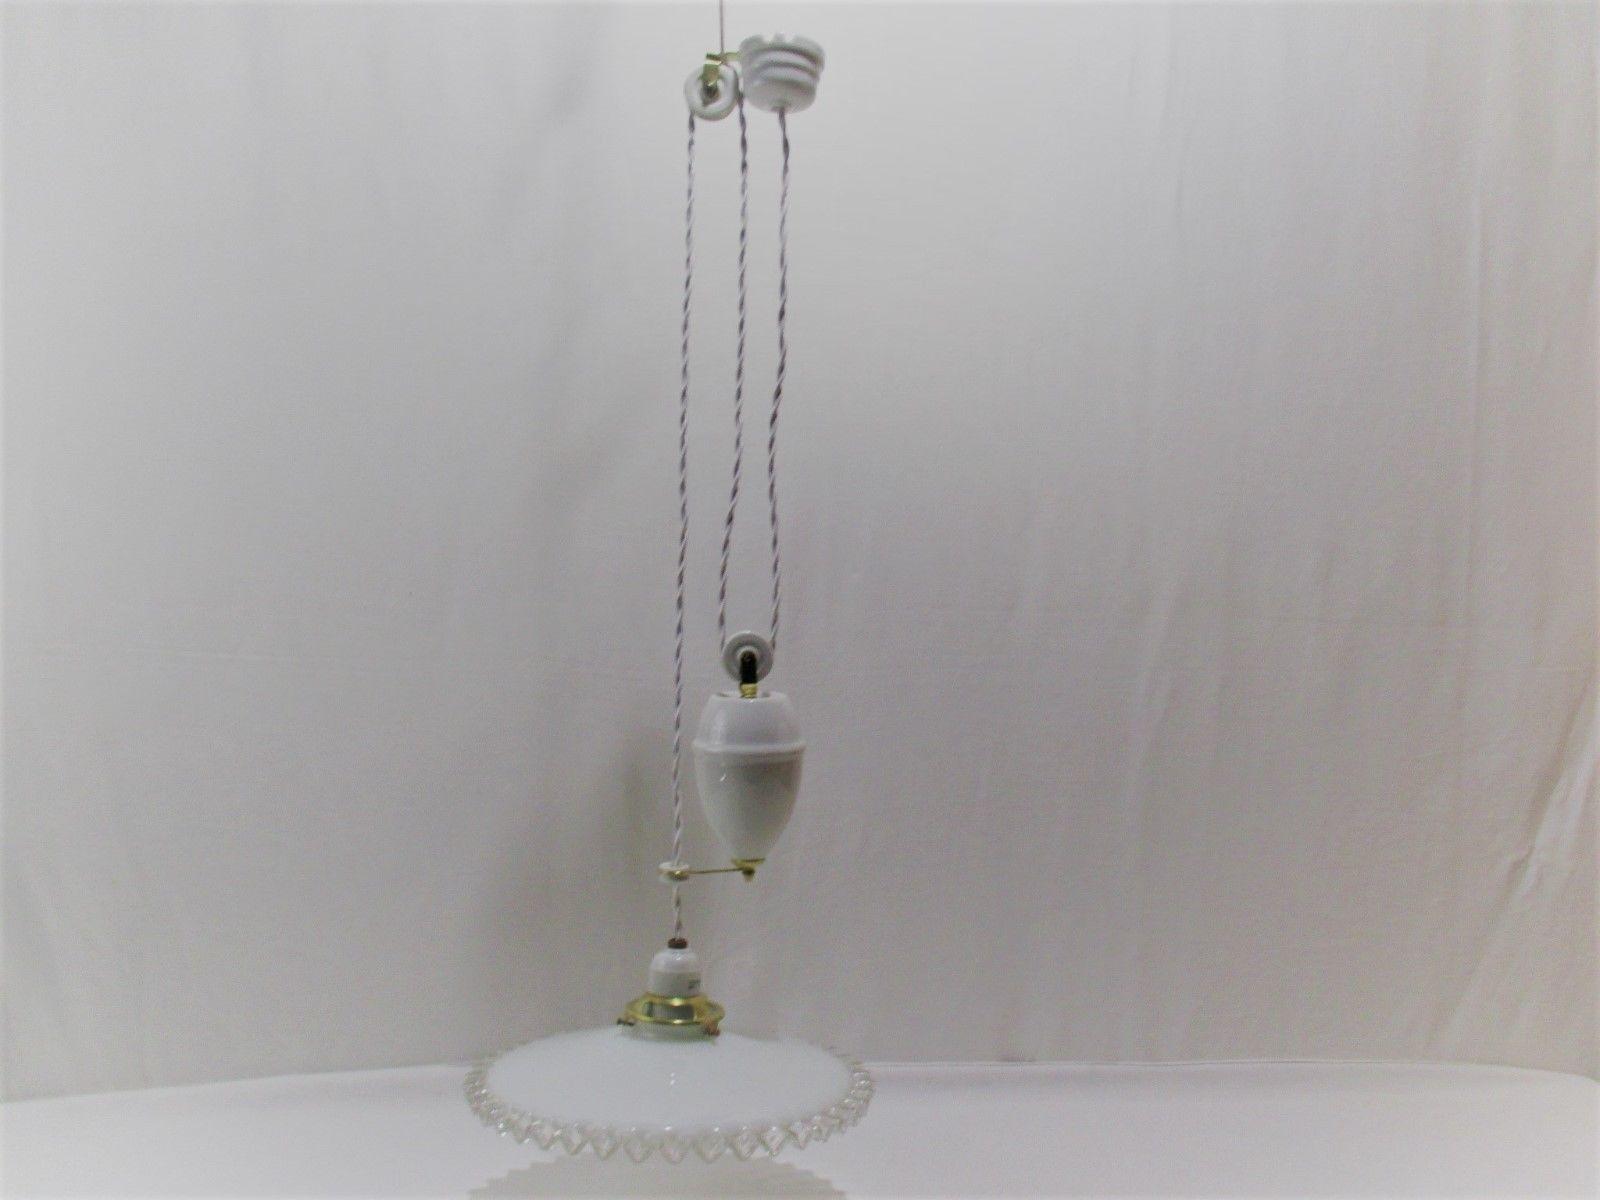 Ancien monte et baisse lustre lampe suspension porcelaine opaline old lamp for sale eur 130 00 - Douille pour lustre ancien ...